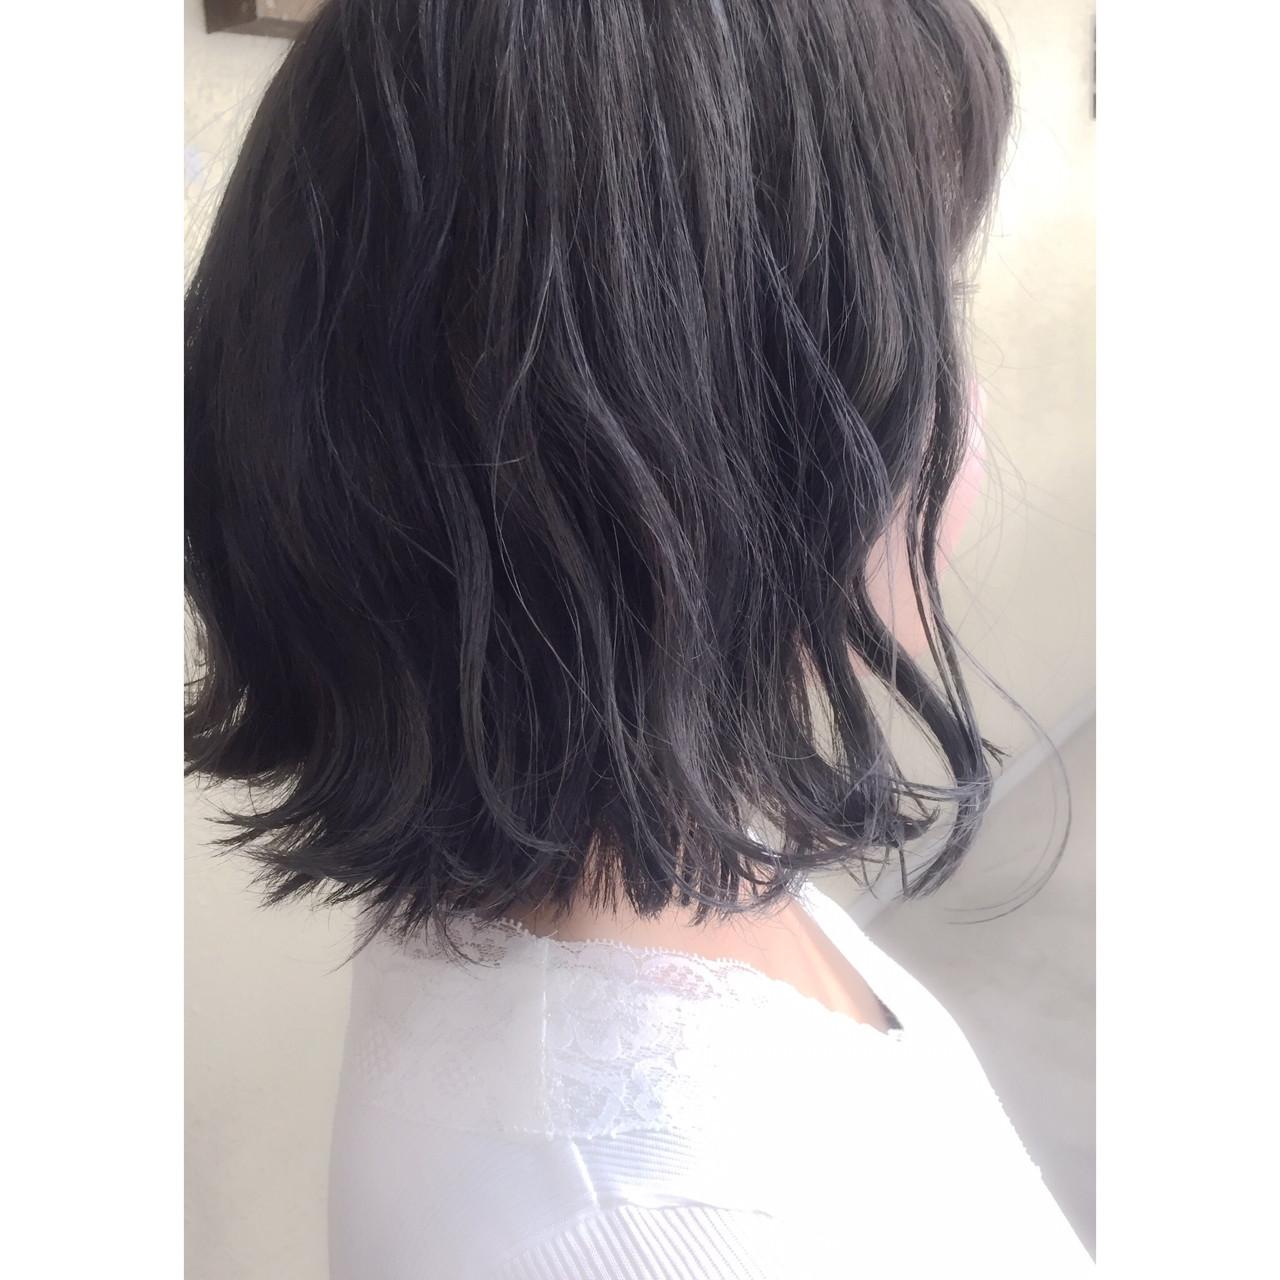 「あれ?染めてる?」思わせぶりヘアカラー 前樫 将太  hair design anello